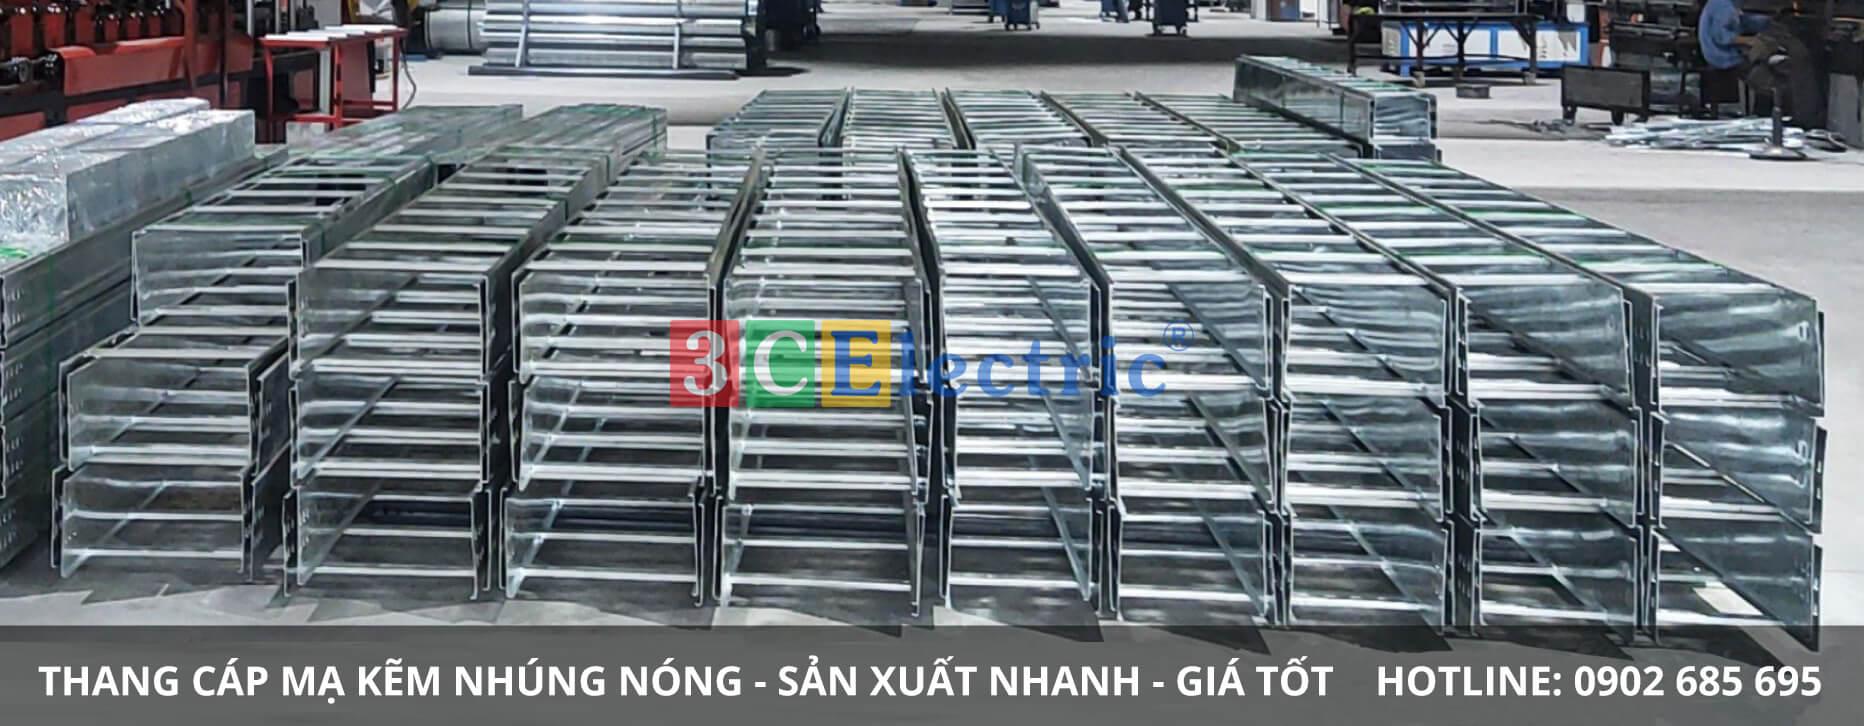 3CElectric sản xuất thang cáp mạ kẽm nhúng nóng